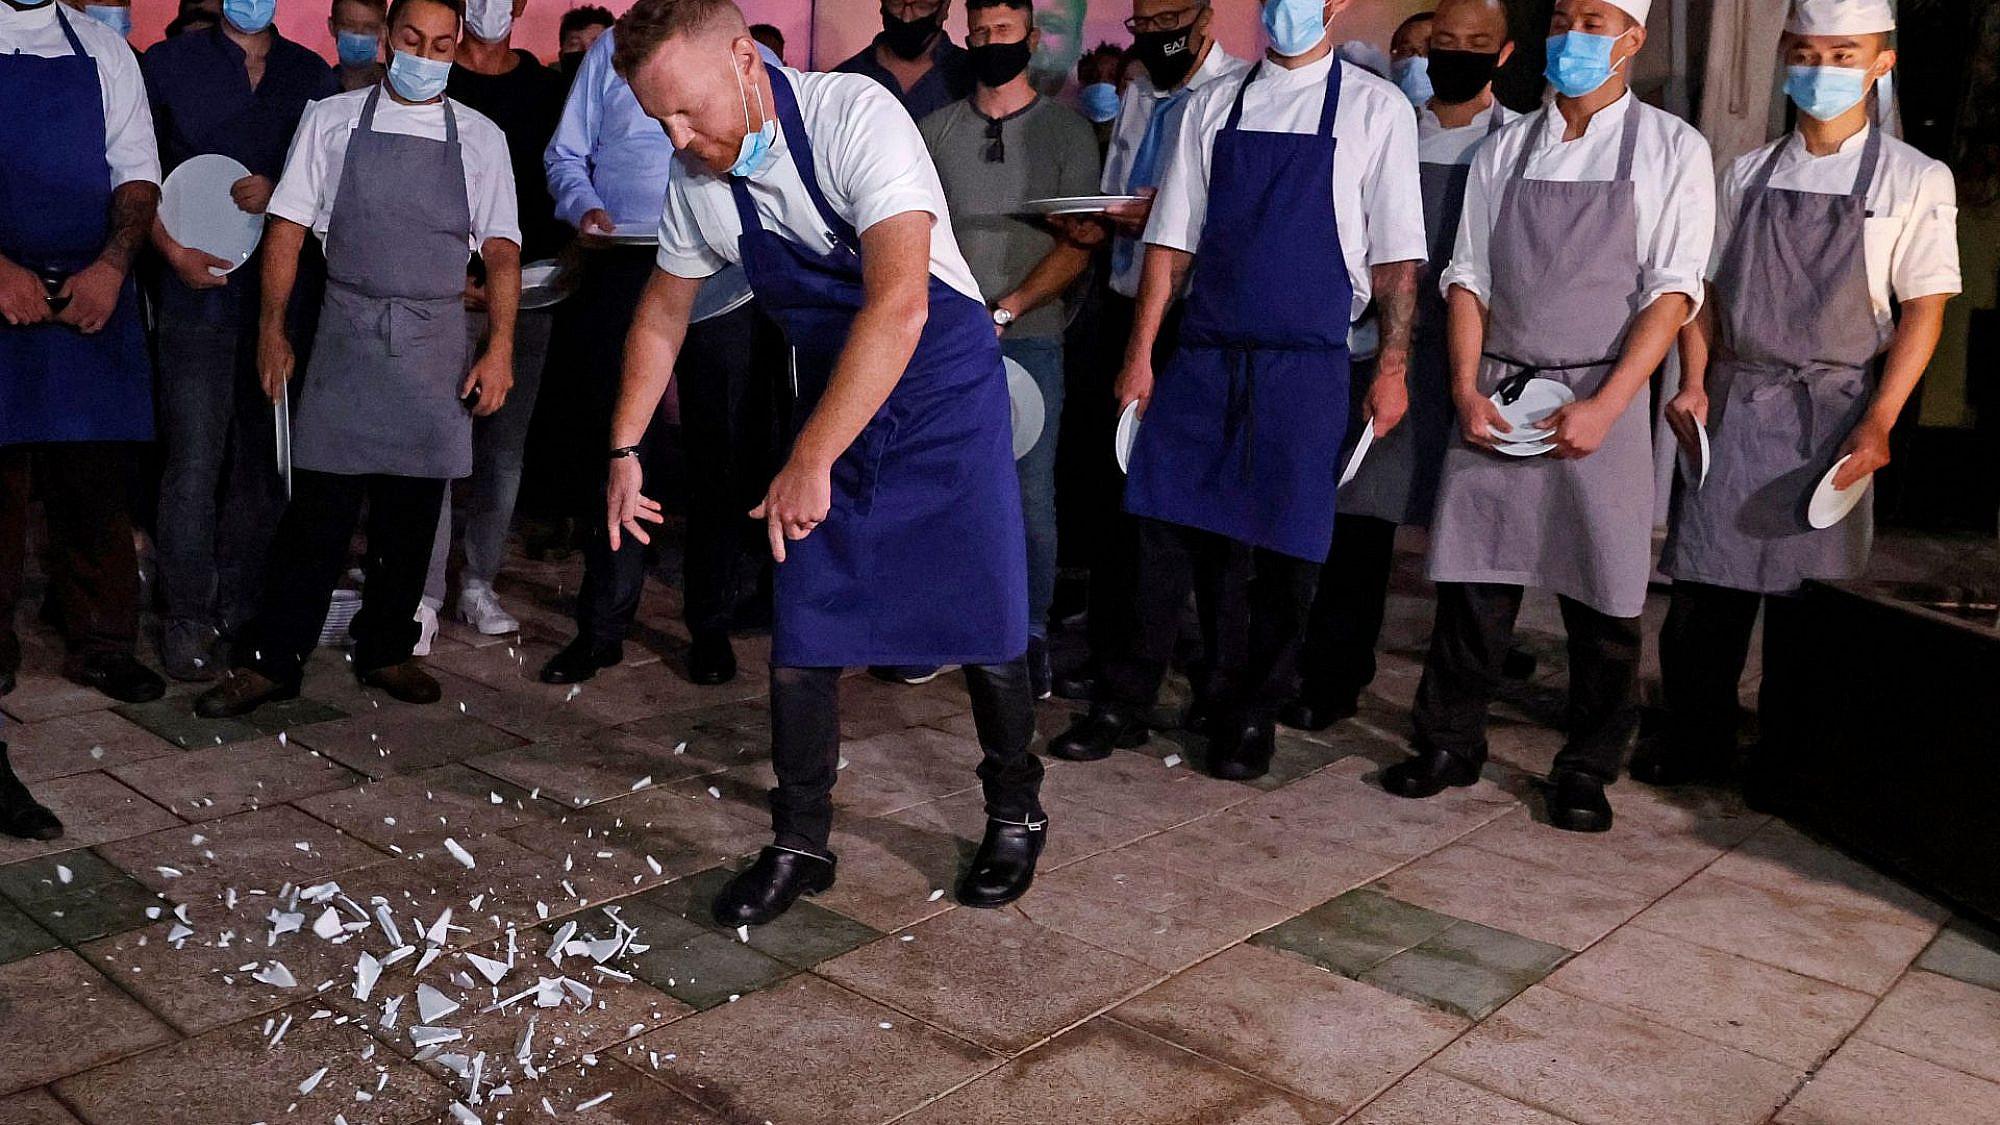 התחתית של התחתית של השפל. יובל בן נריה מטאיזו בהפגנת המסעדנים בספטמבר 2020 (צילום: גטי אימג'ס)